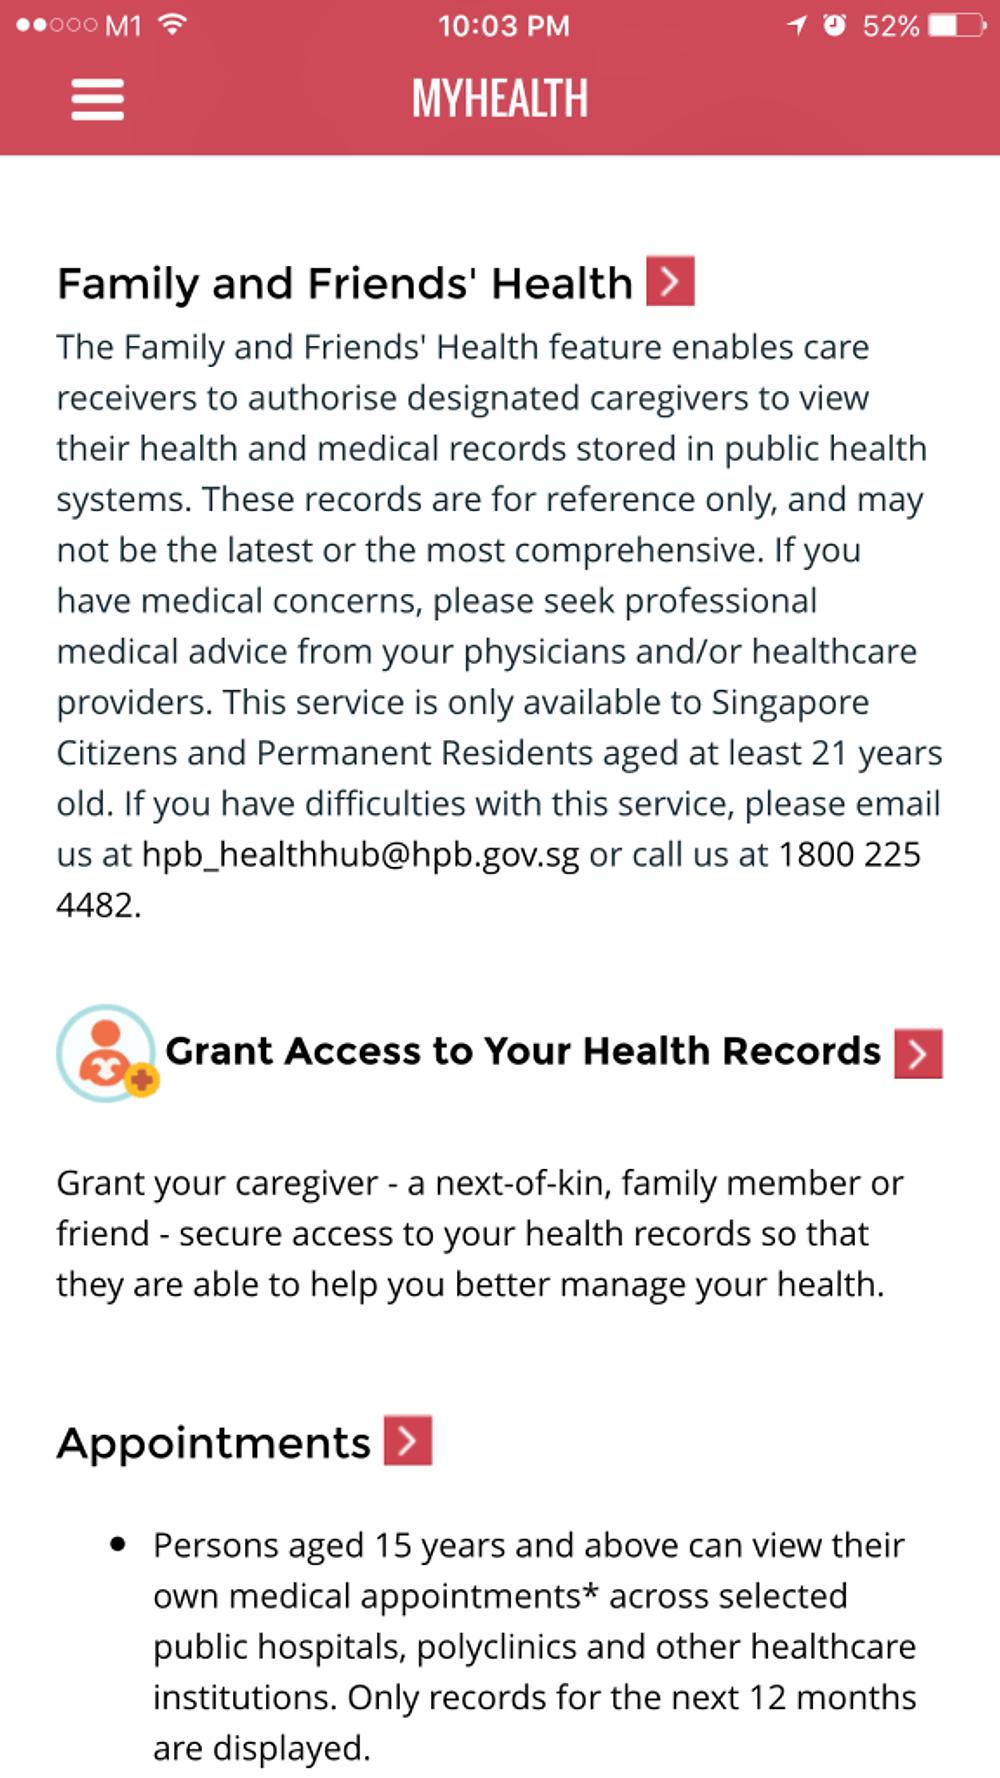 www.digitalhealth.sg